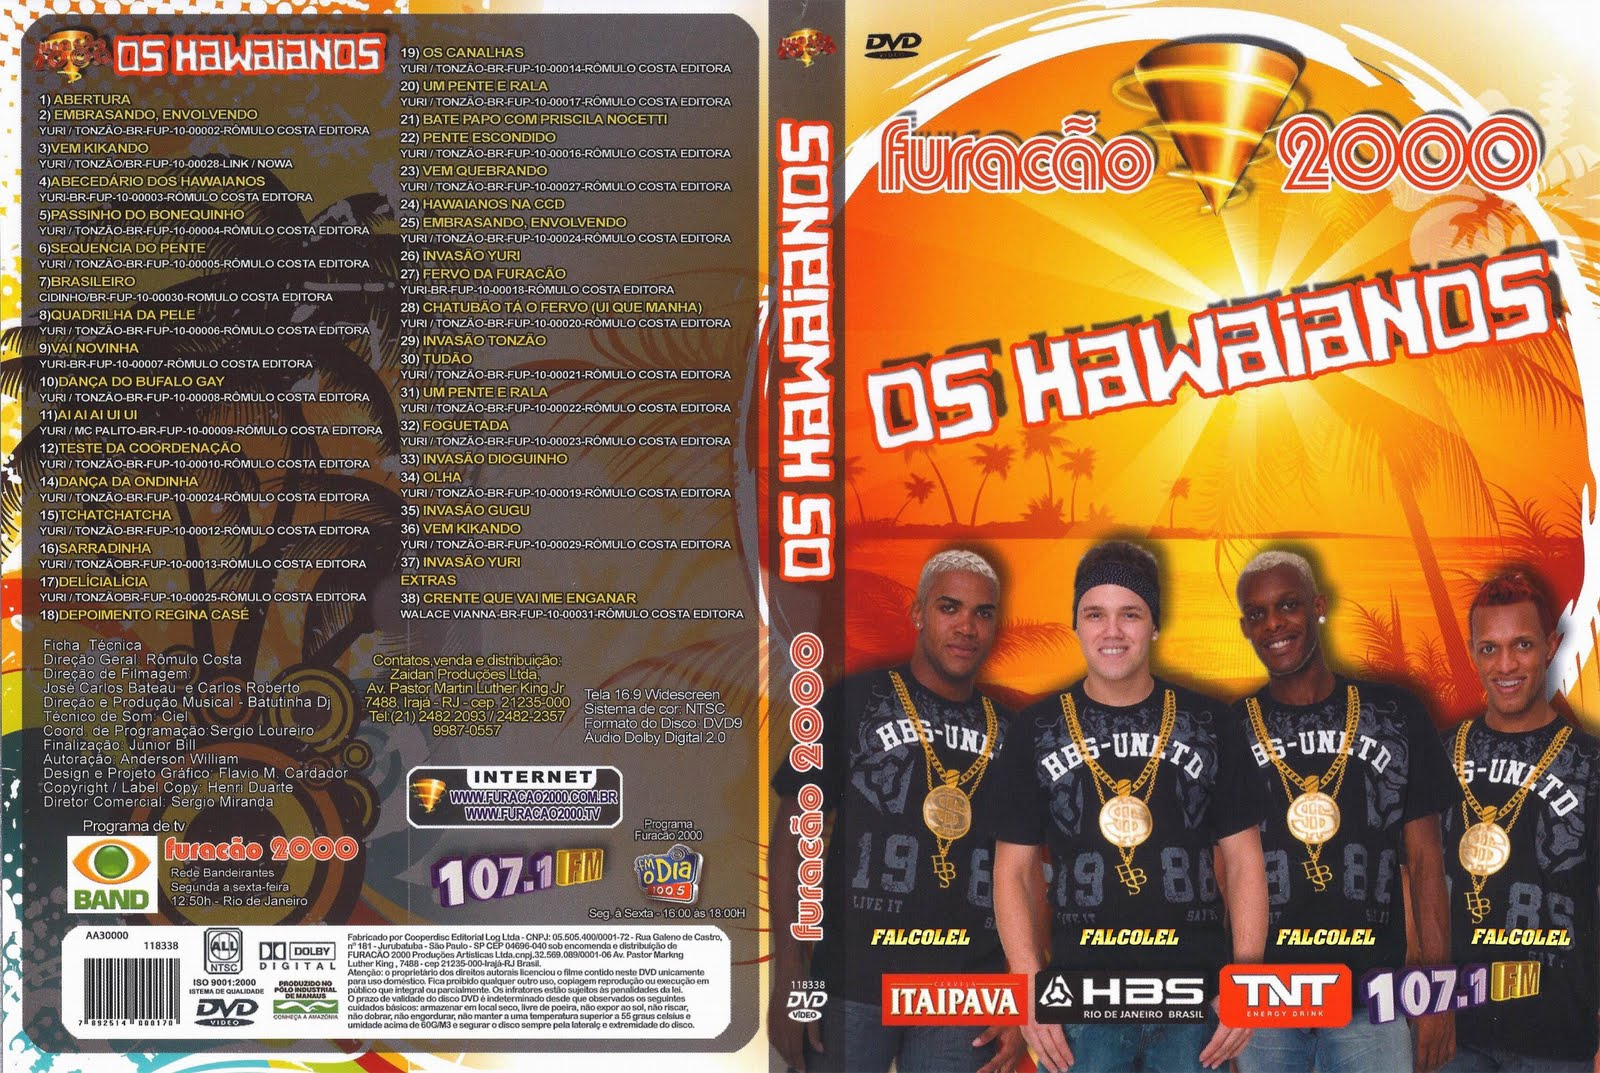 Os Hawaianos Furacão 2000 Ao Vivo DVDRip XviD 2010 FURACO 257E1